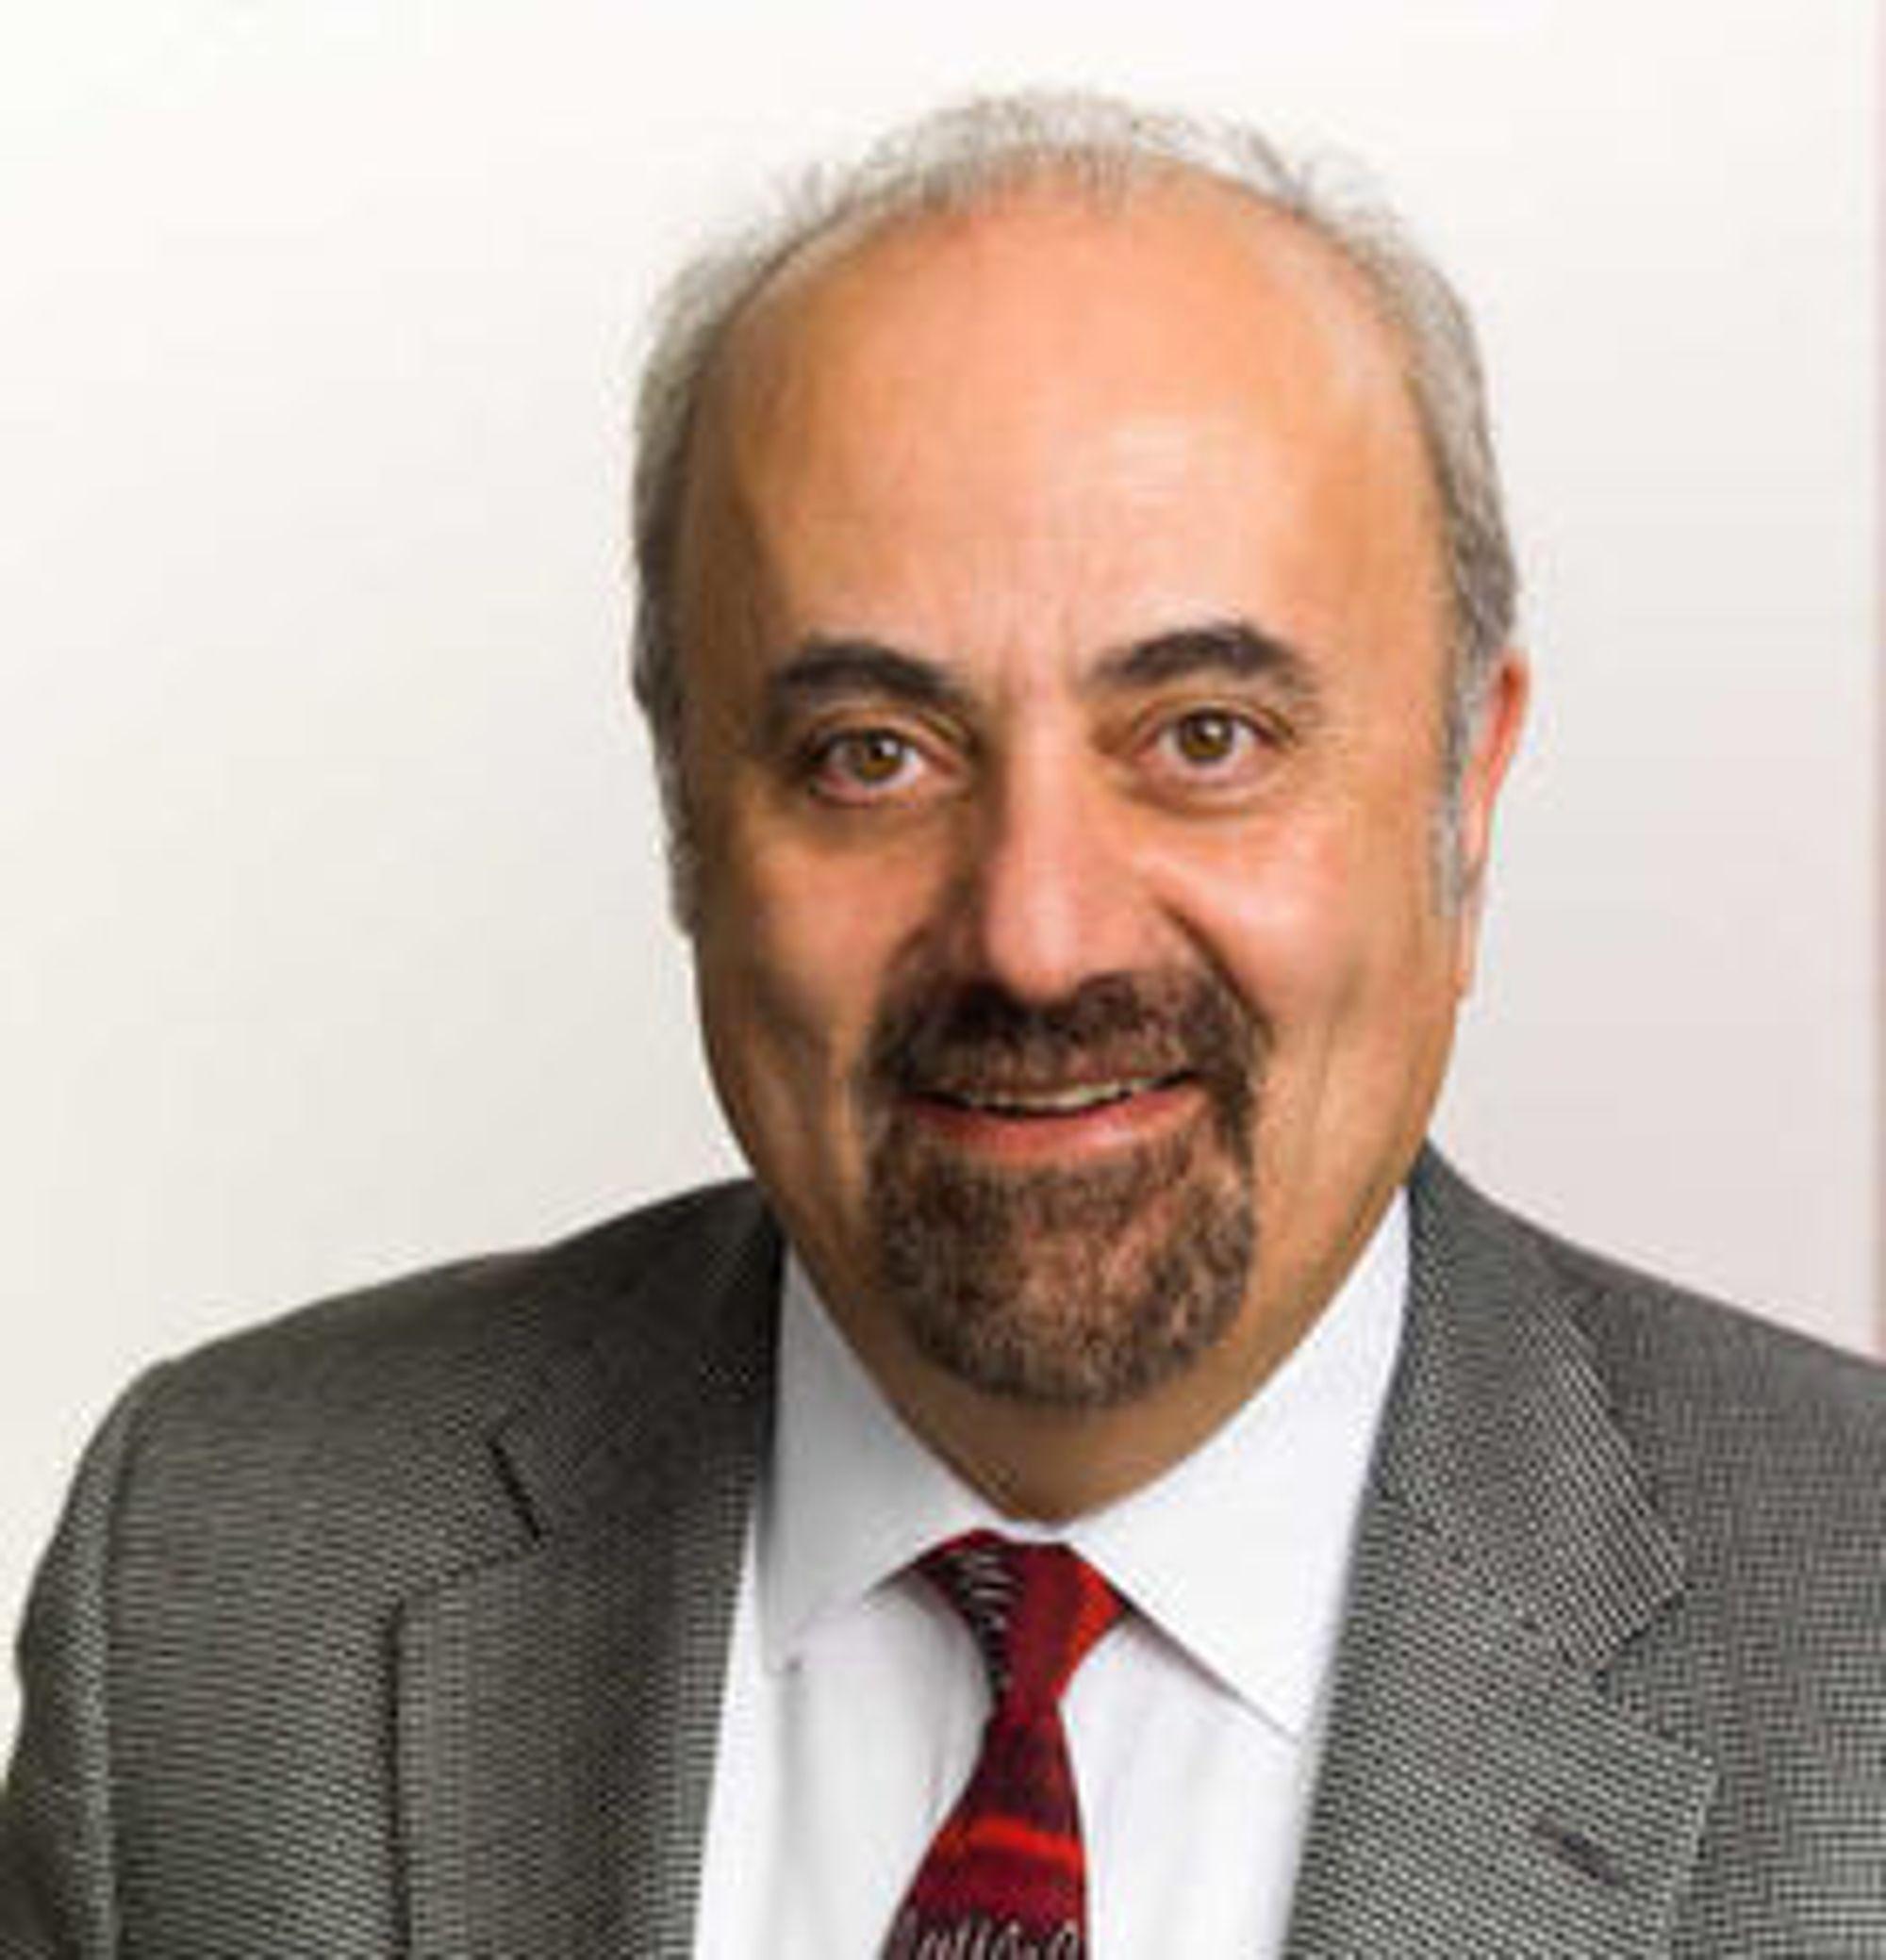 George Minassian er administrerende direktør og medgründer i Crossbar, som ble etablert i 2010.